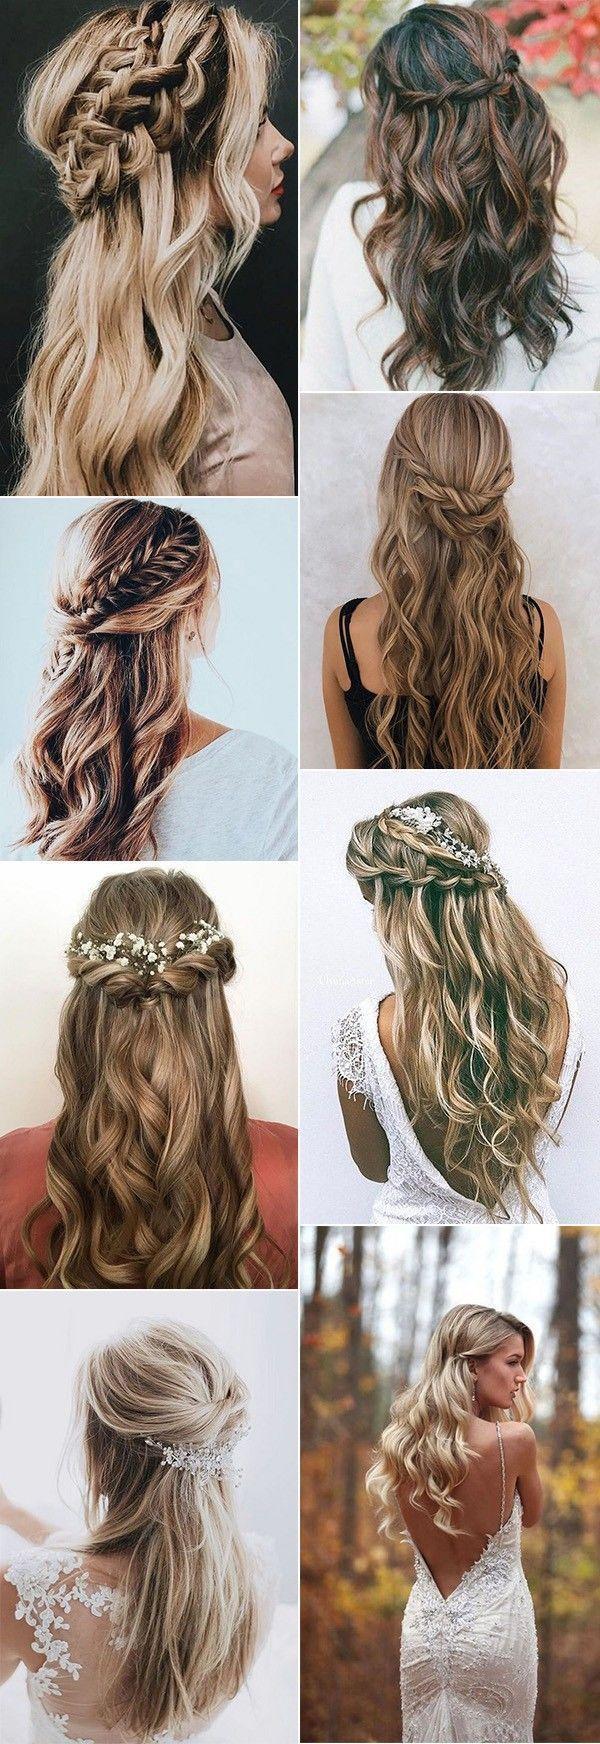 Top 20 Half Up Half Down Hochzeitsfrisuren für 2018/2019 Klicken Sie hier, um mehr zu erfahren …   – Wedding Hair and Makeup